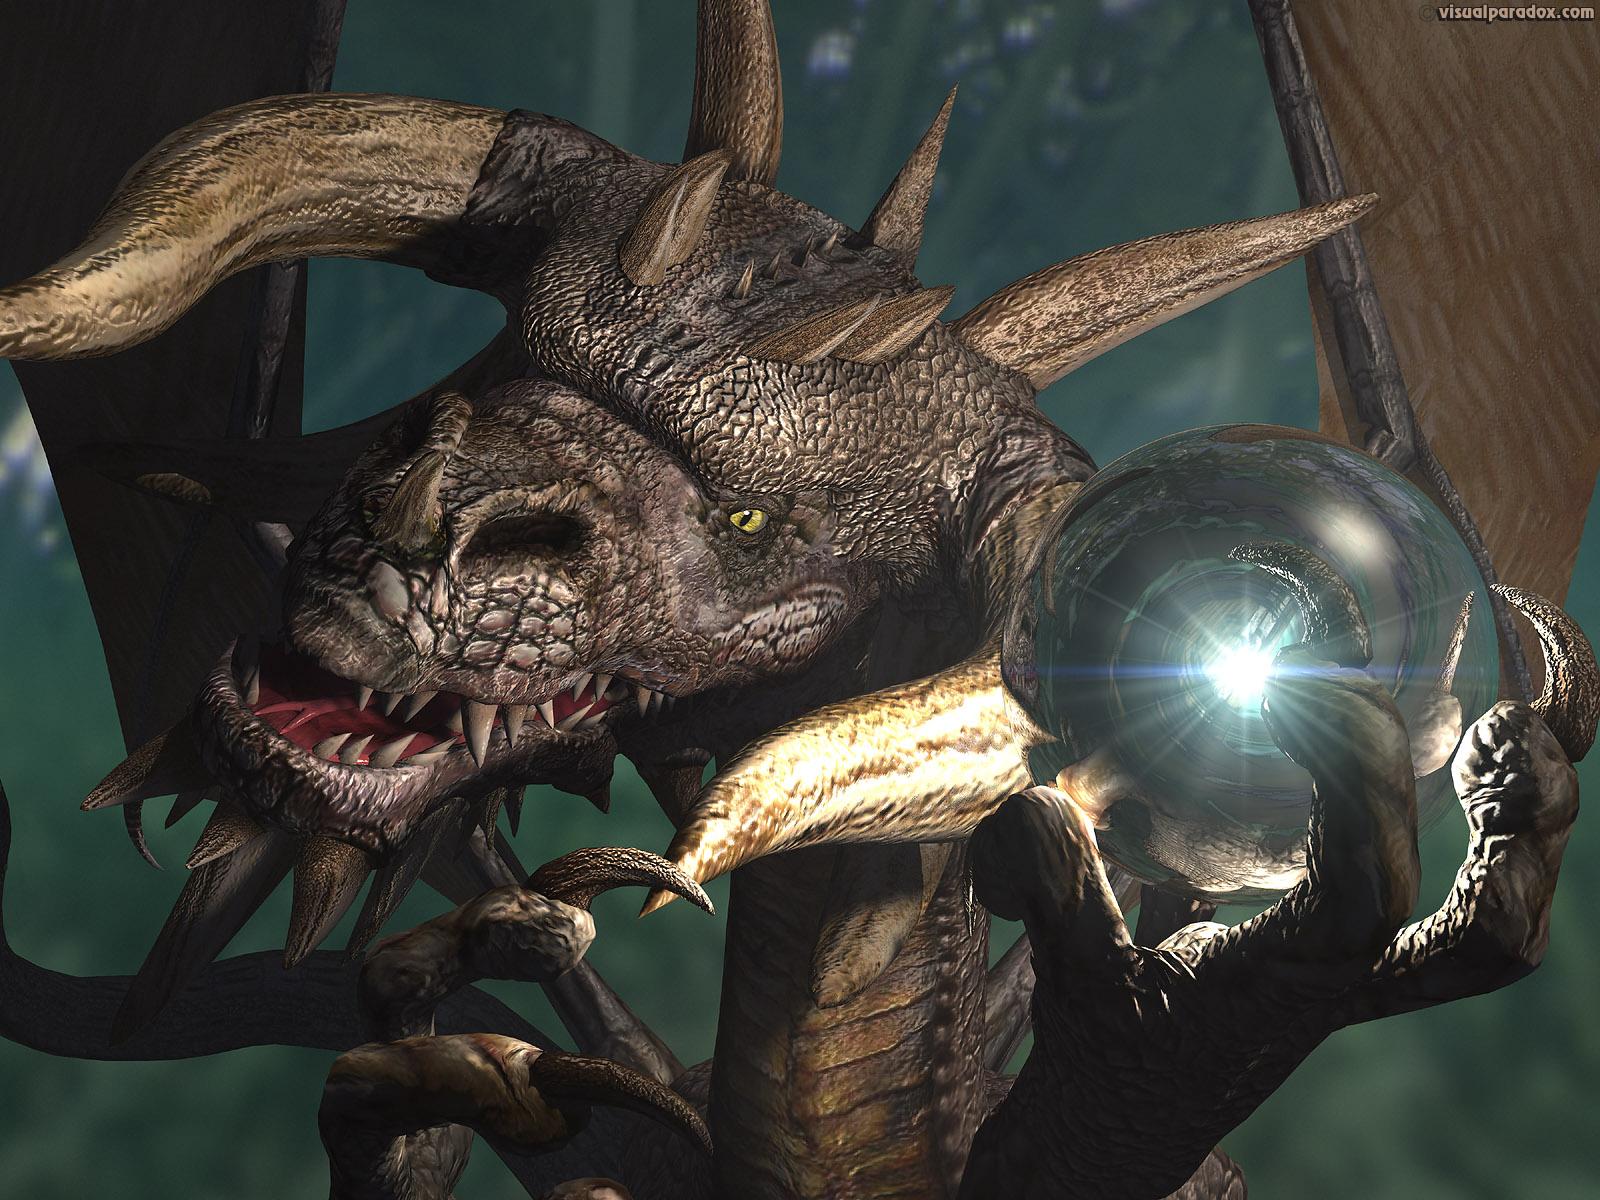 dragon treasure horns horned orb sphere ball 3d wallpaper 1600x1200